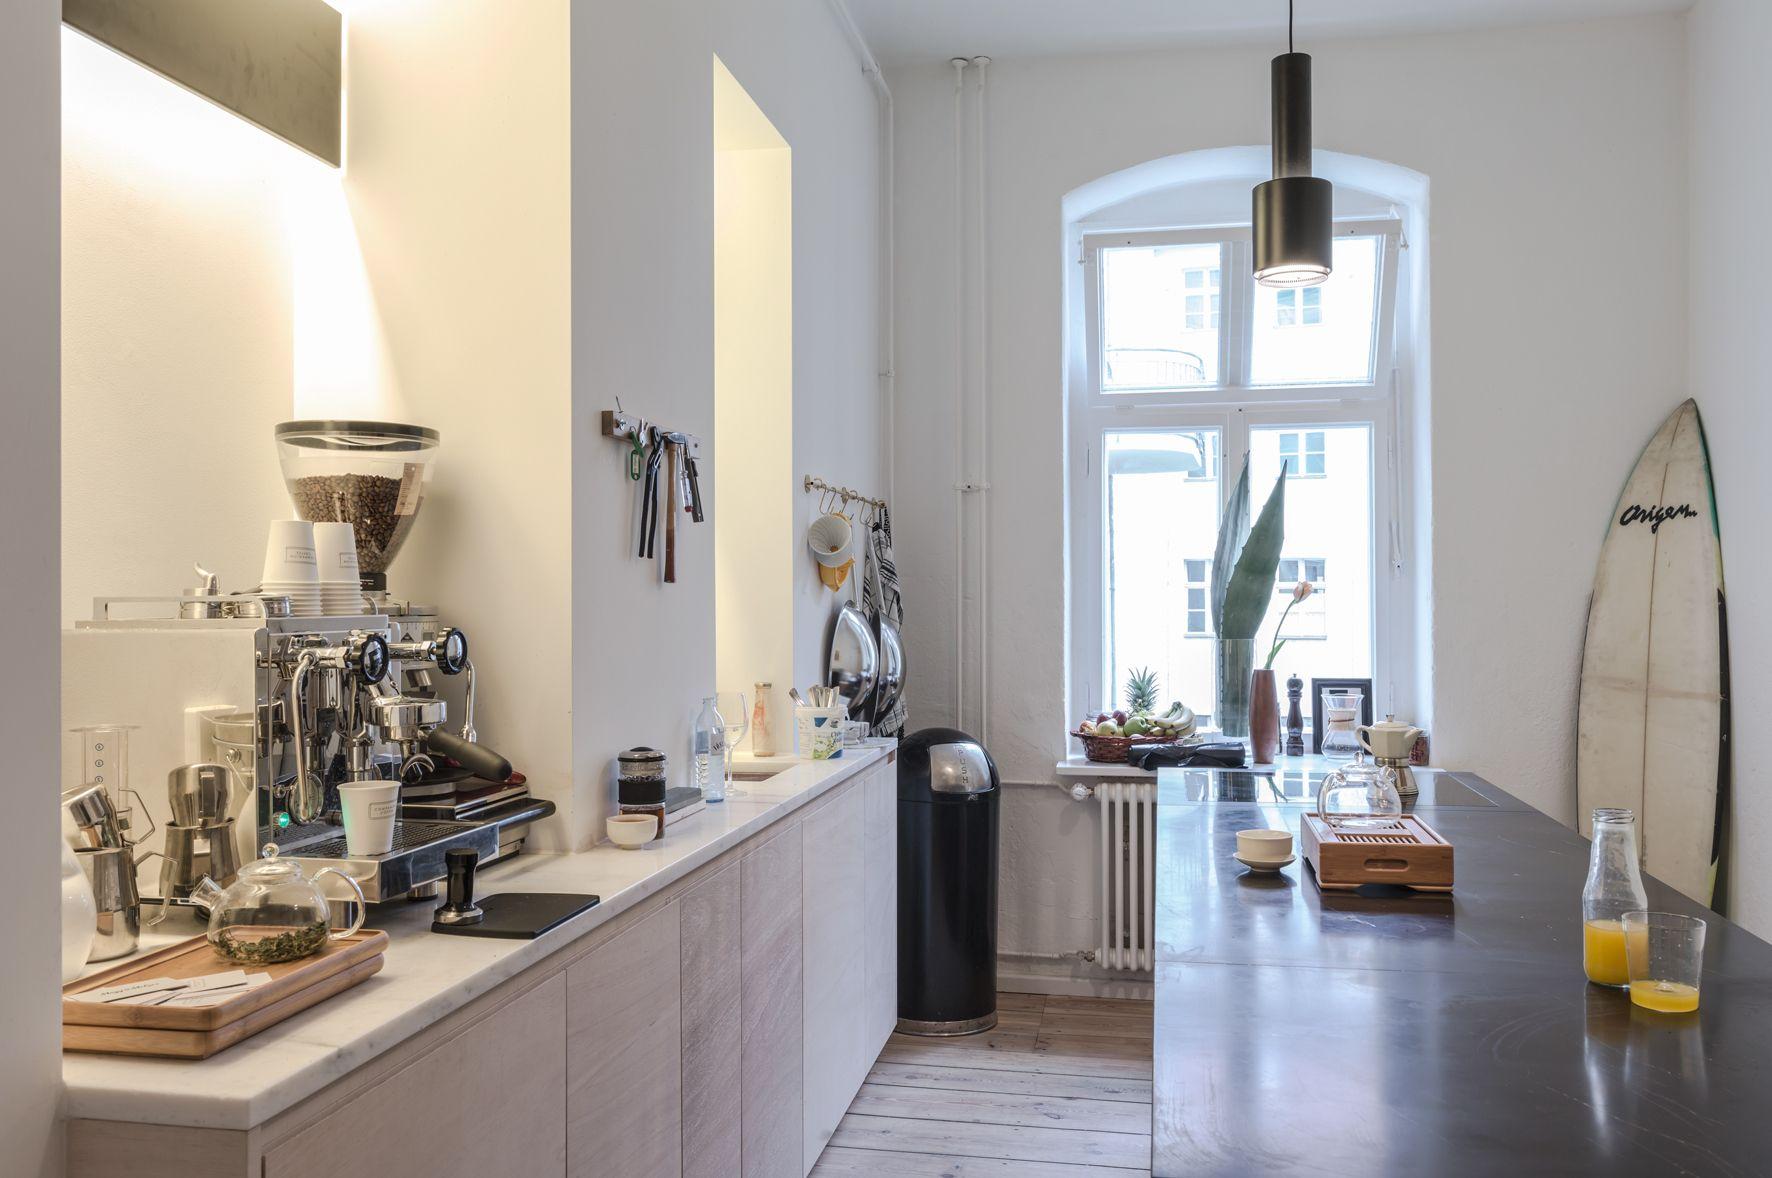 Photo 6 Of 9 In Freunde Von Freunden And Vitra S Berlin Apartment Kleine Wohnung Kuche Wohnung Kuche Und Freunde Wohnung